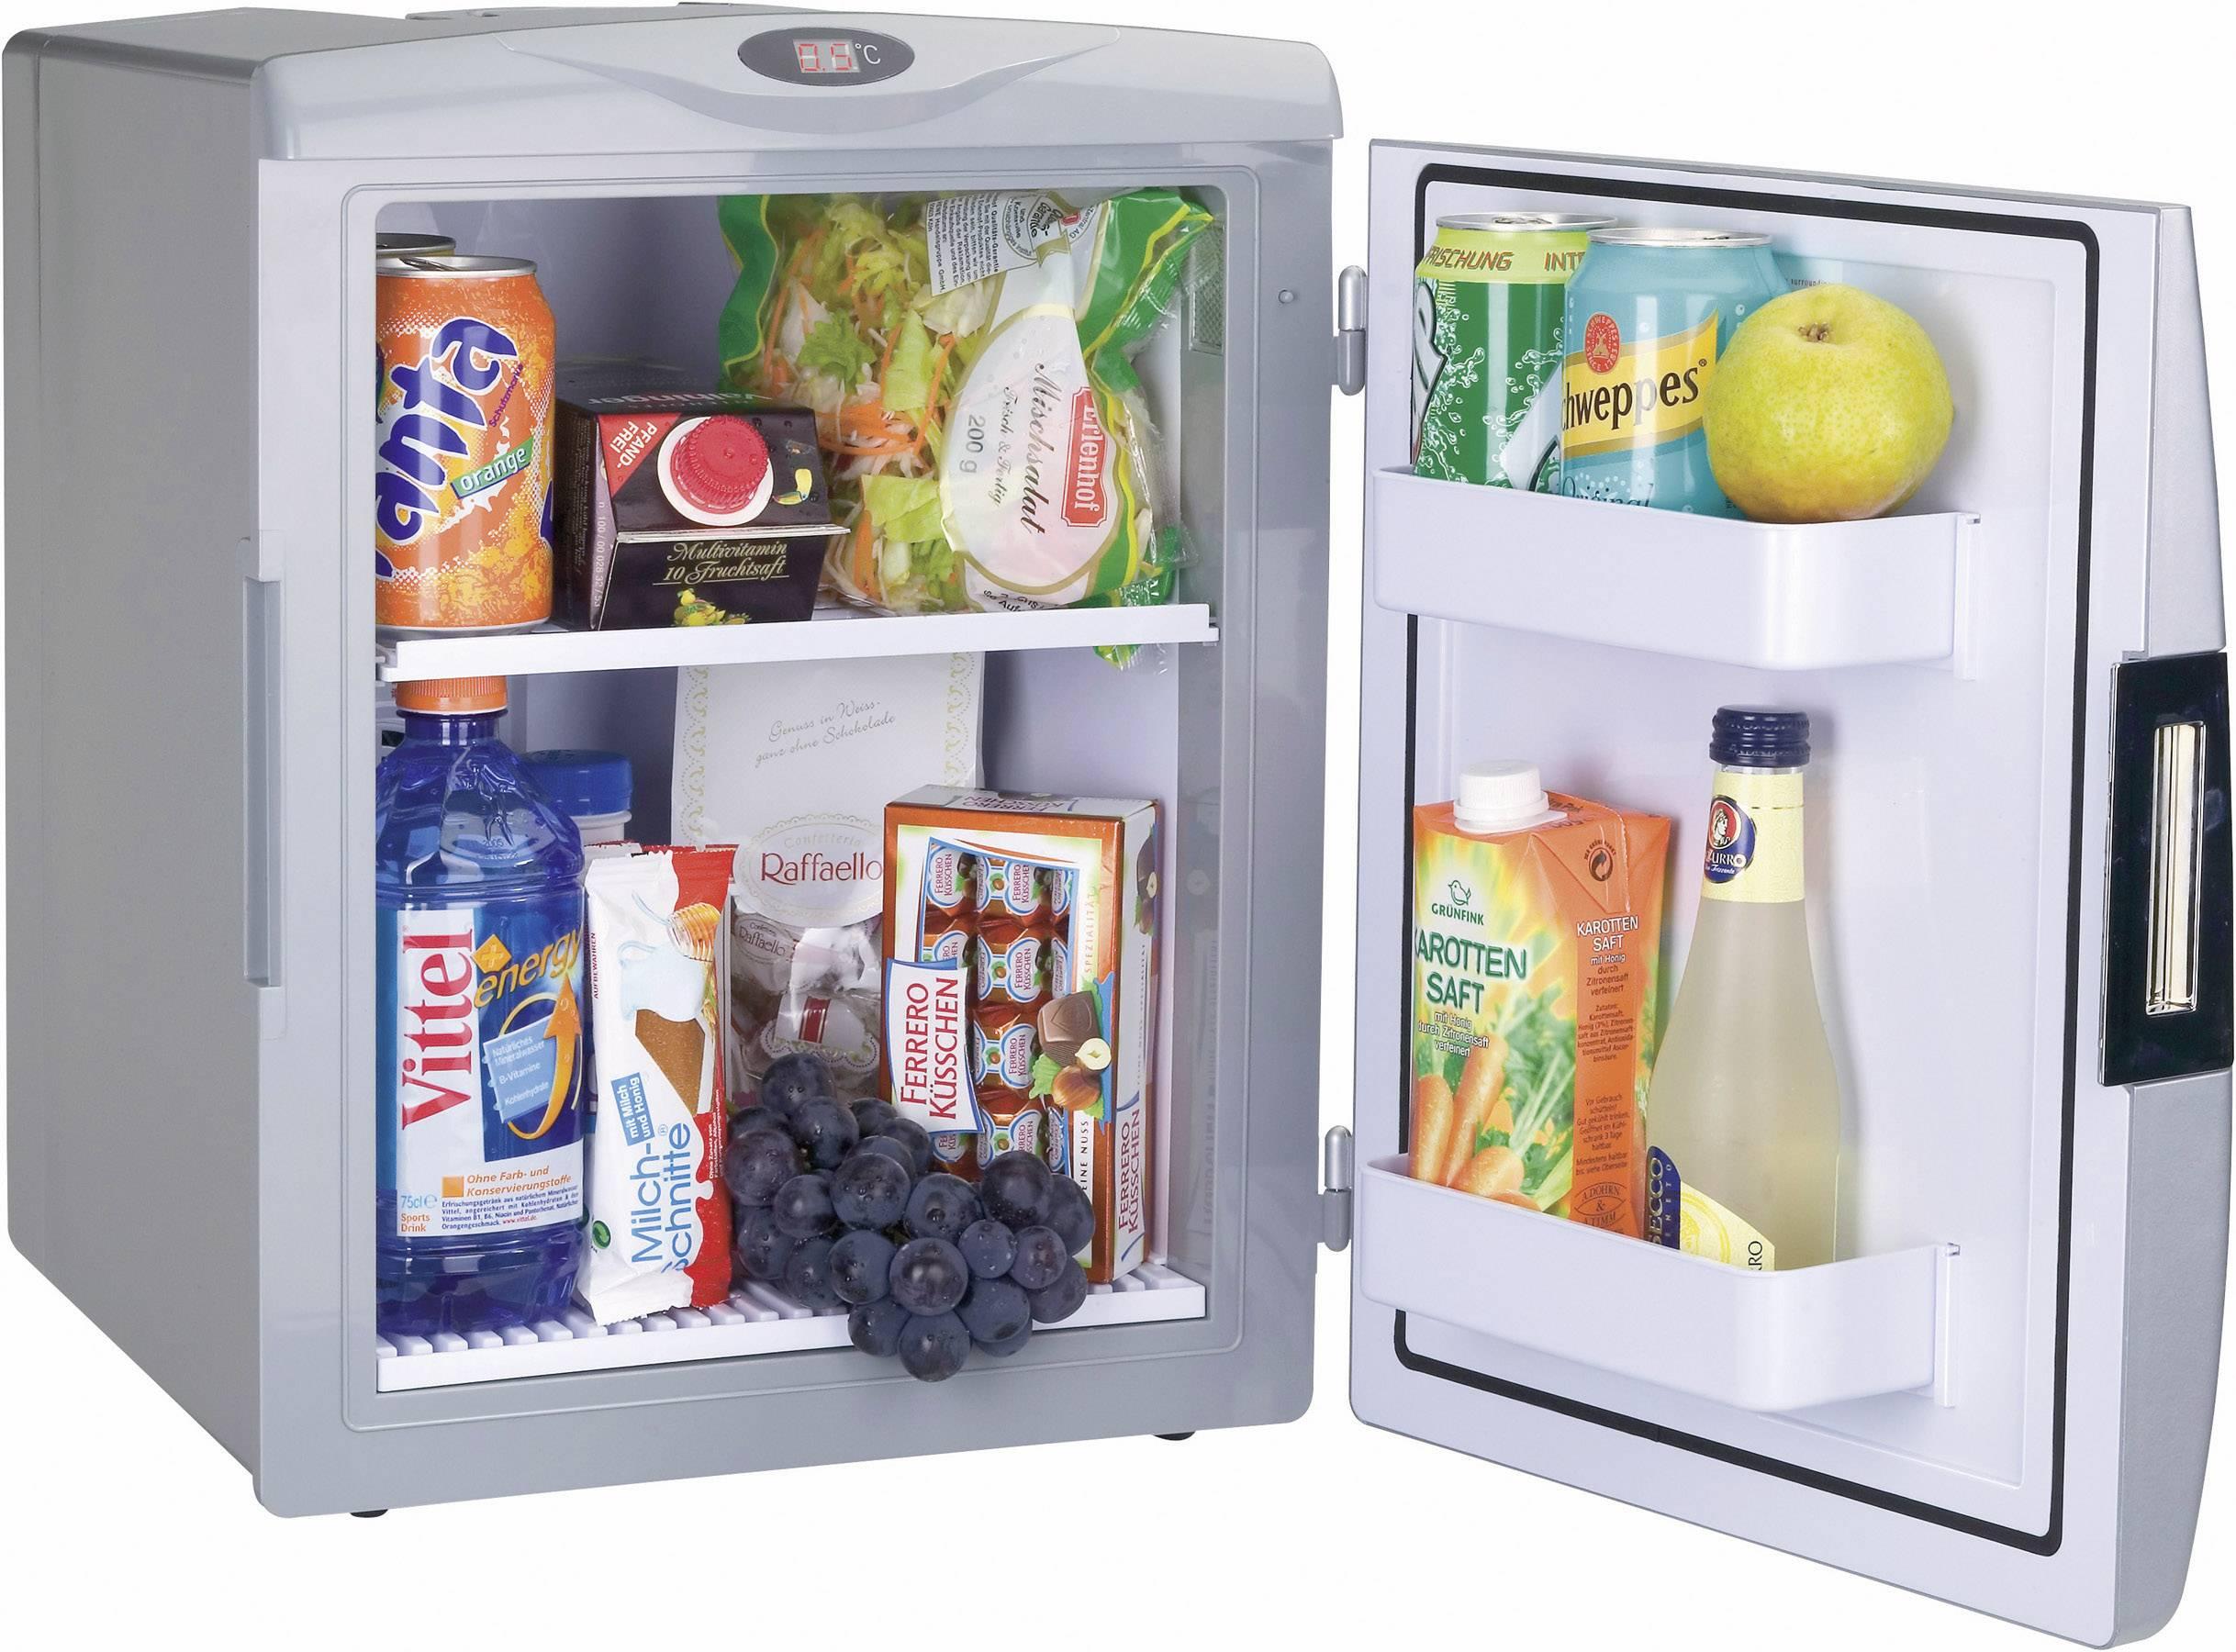 Kuchyňské spotřebiče, péče o tělo a další vybavení do domácnosti